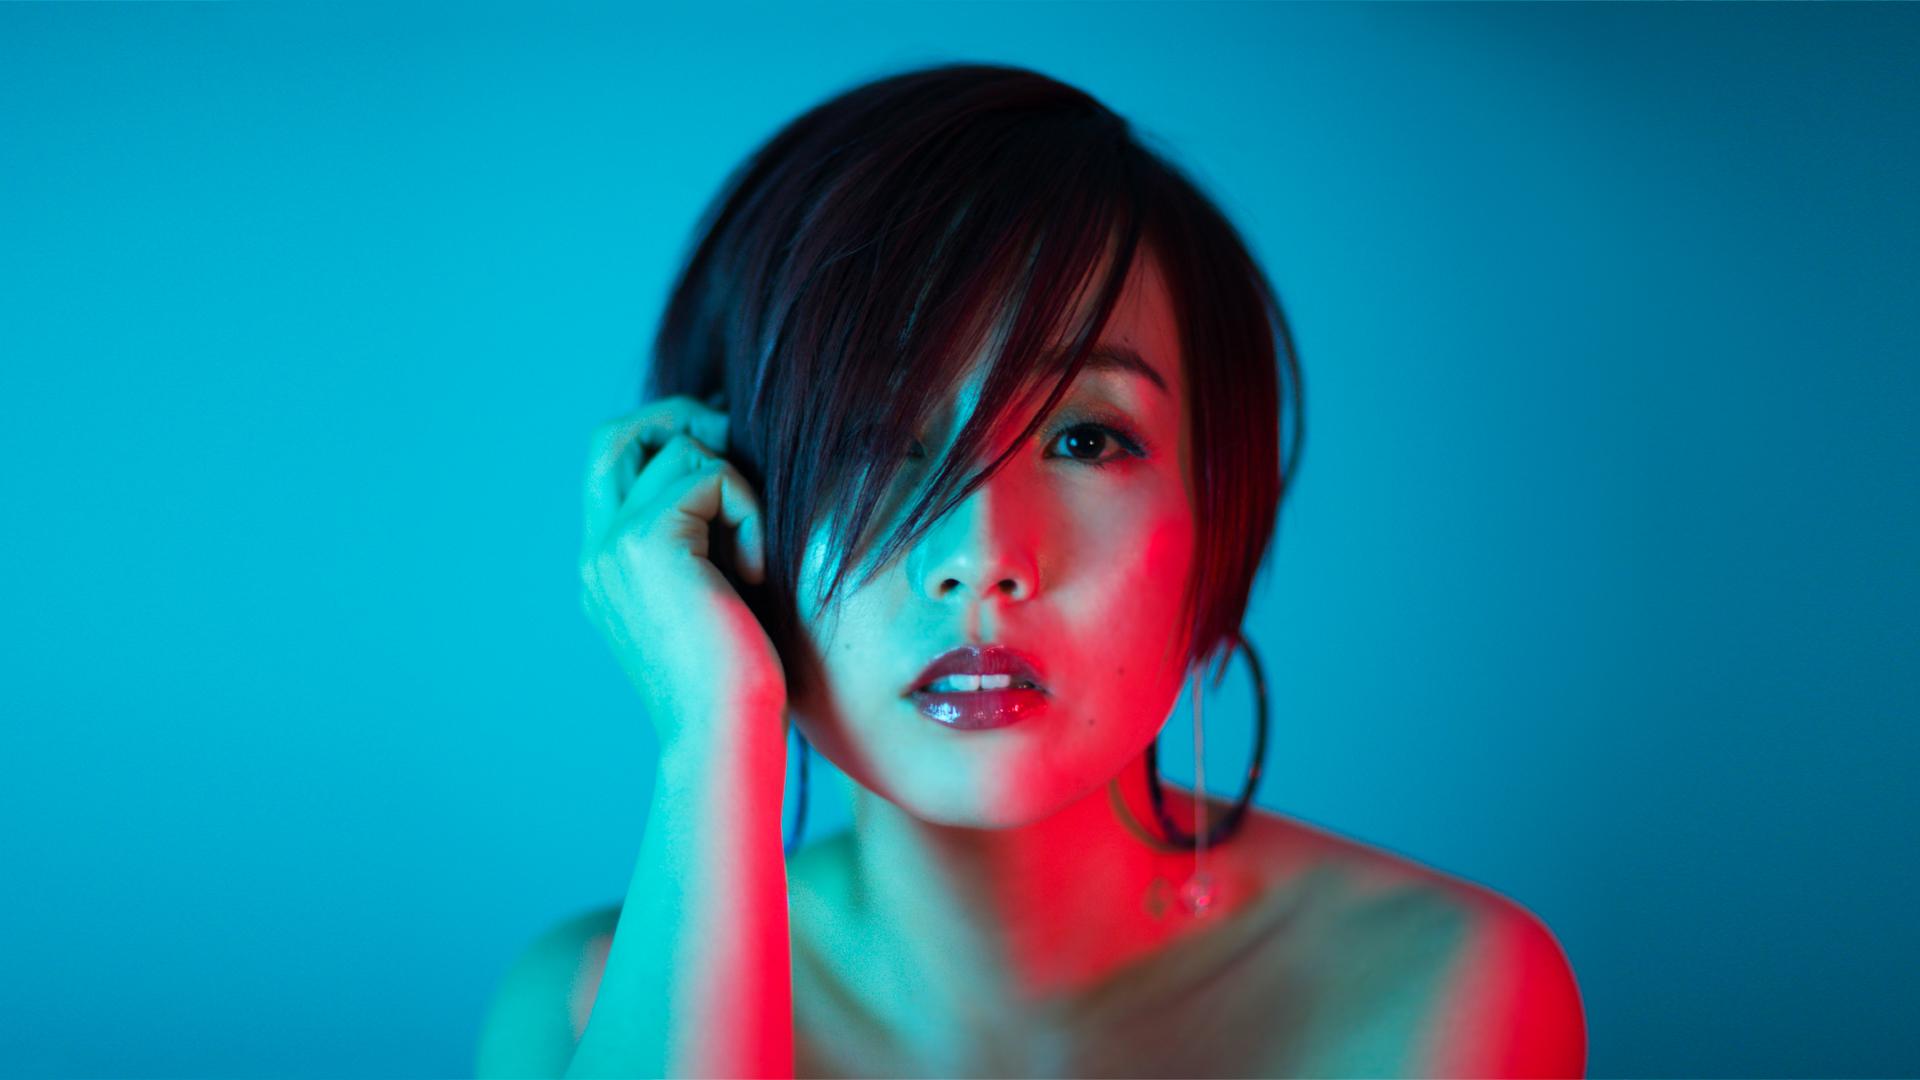 Nao Yoshioka NY仕込みのパワフルなヴォイスと表現力、ヒストリーに根ざしながらもレイドバックとは異なるモダンなテイストを兼ね備えた現在進行形ソウル・シンガー。2013年のデビュー作『The Light』はスマッシュヒットを記録し2015年には全米でもリリース。日本では同年2nd『Rising』でメジャーデビューを果たした。名門ブッキングエージェンシーと契約後、アメリカへ活動拠点を移す。3rd『The Truth』ではアリシア・キーズらを支えた名プロデューサー/ライターたちと共作し、米国ローリングストーン誌に高い評価を受けビルボードのUACチャートにて最高32位を獲得をし、世界の舞台で活躍を重ねている。